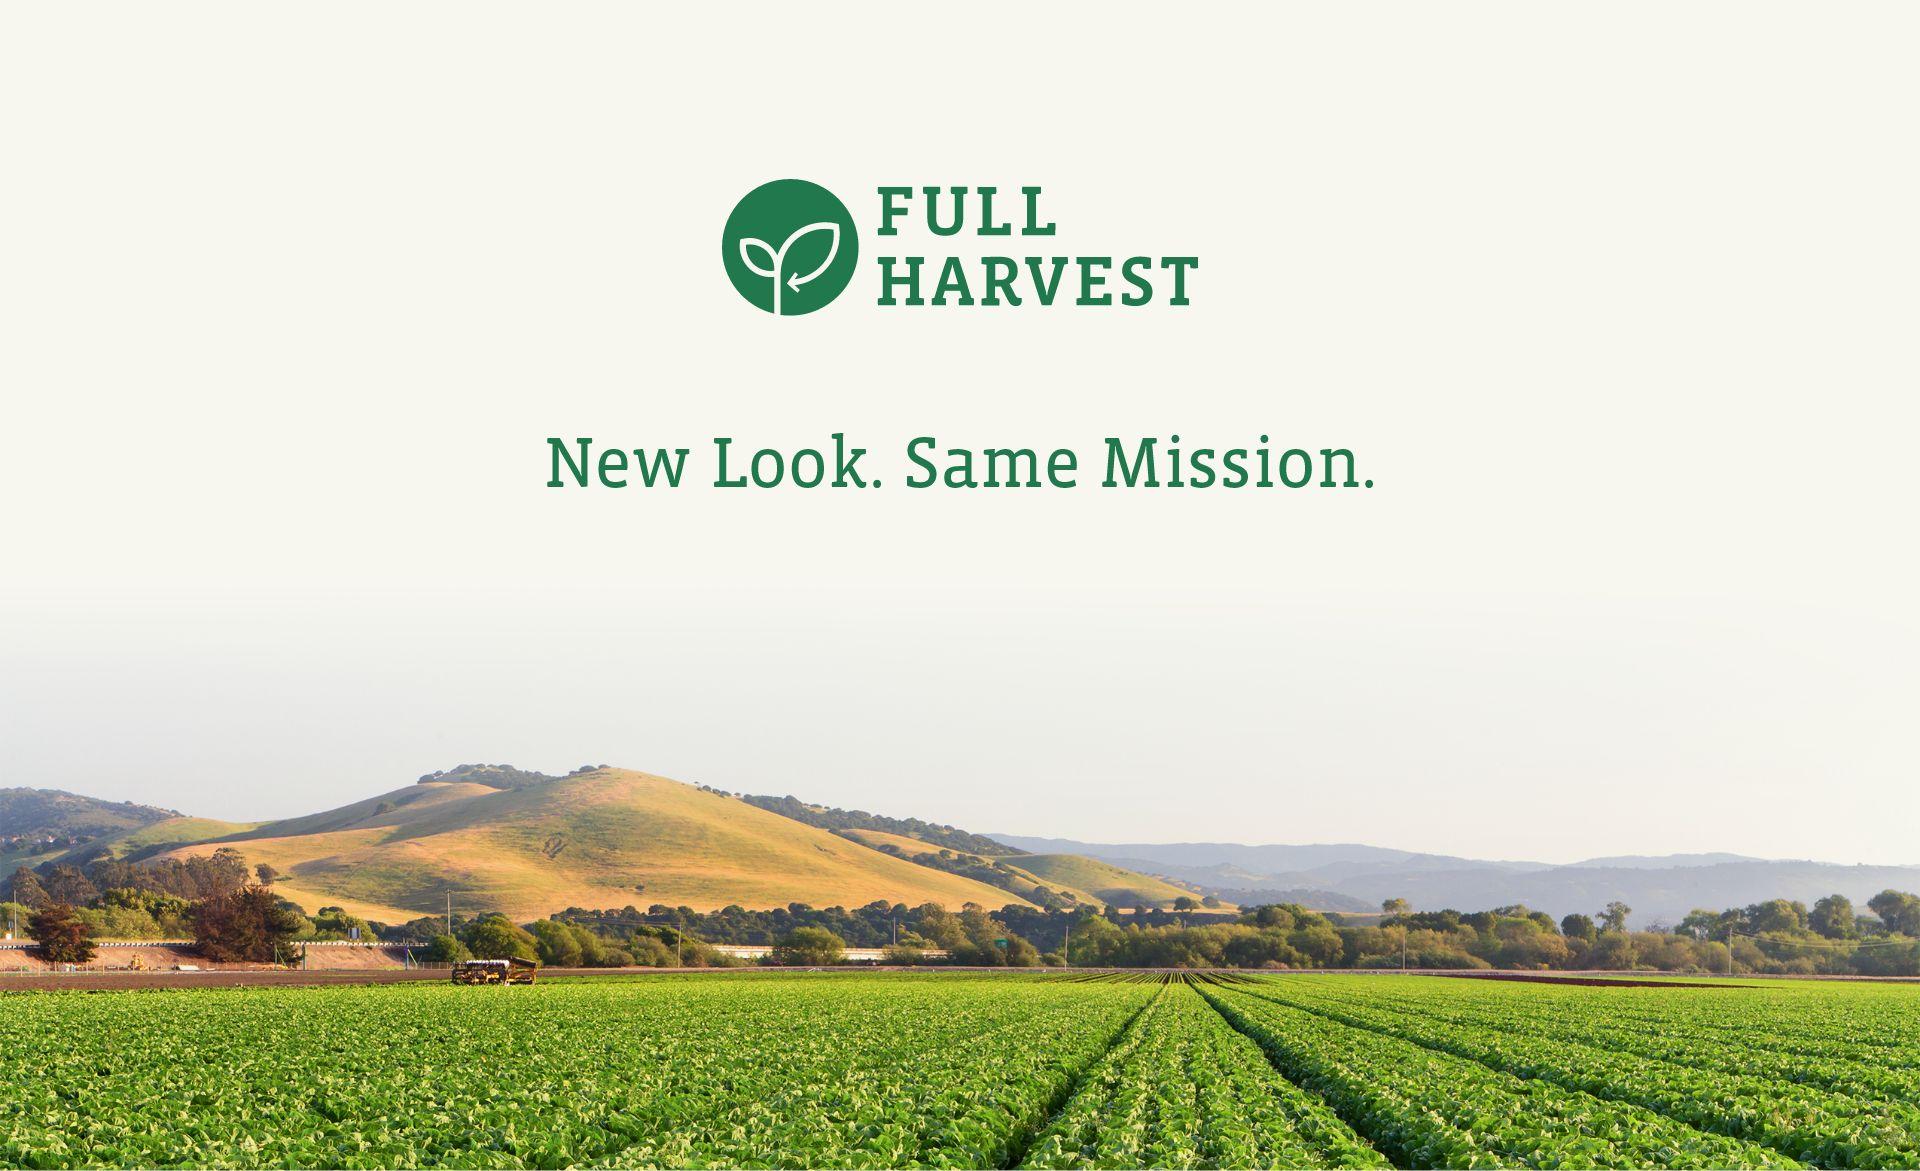 we are full harvest